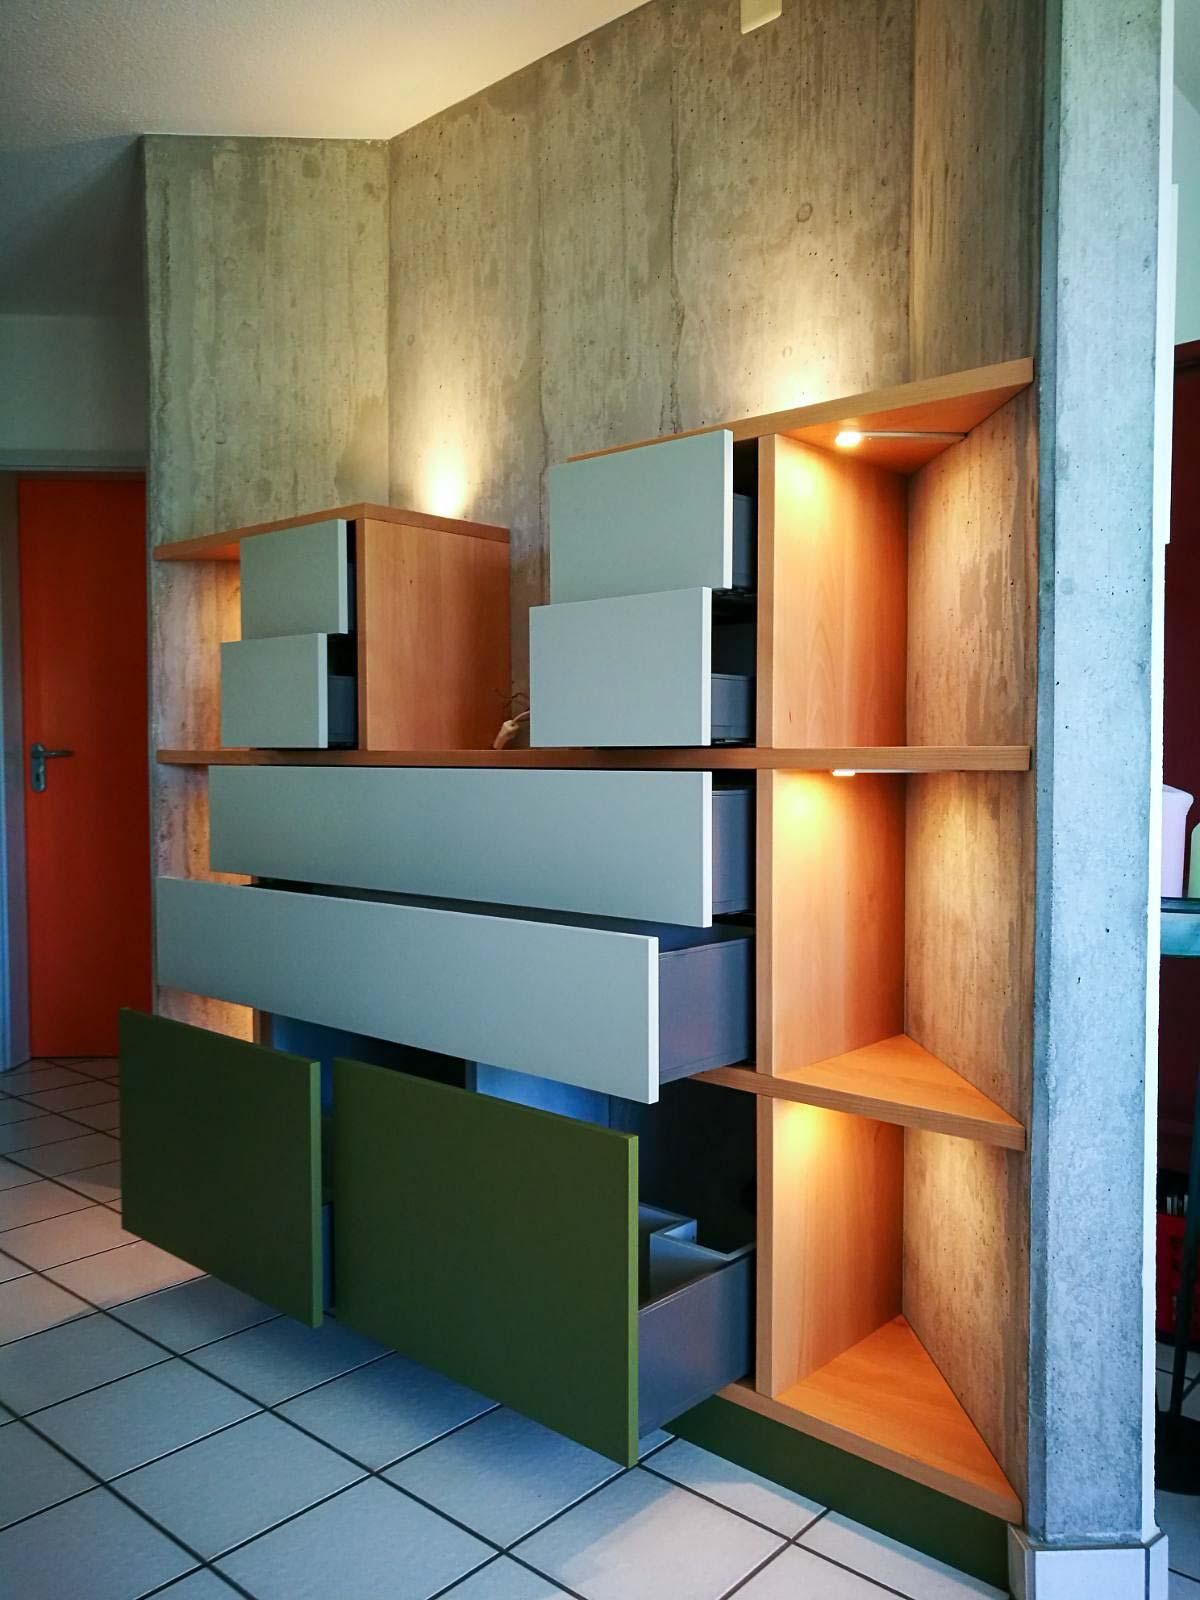 Wooddesign_Wohnzimmermöbe_Stereomöbel_LED-Beleuchtung_Schubladen_Push (3)